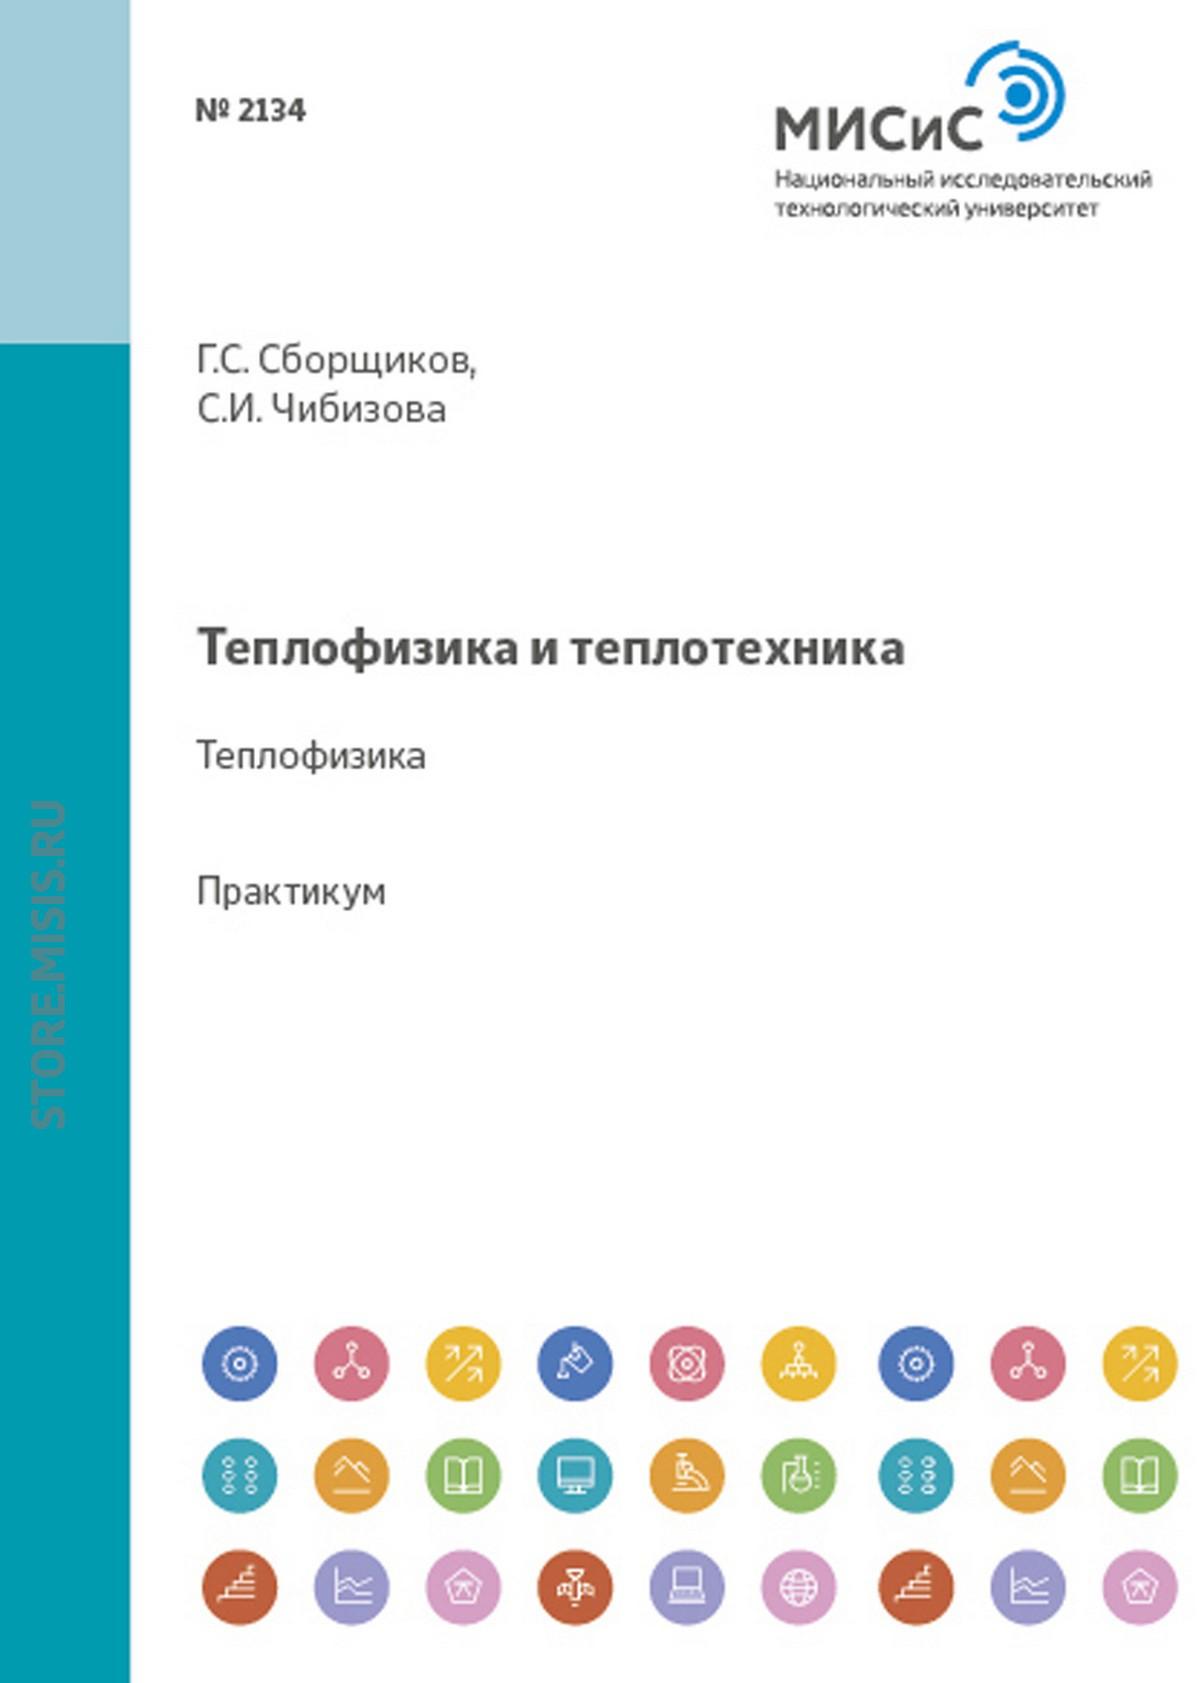 С. И. Чибизова Теплофизика и теплотехника сергей крупенников теплофизика и теплотехника теплофизика